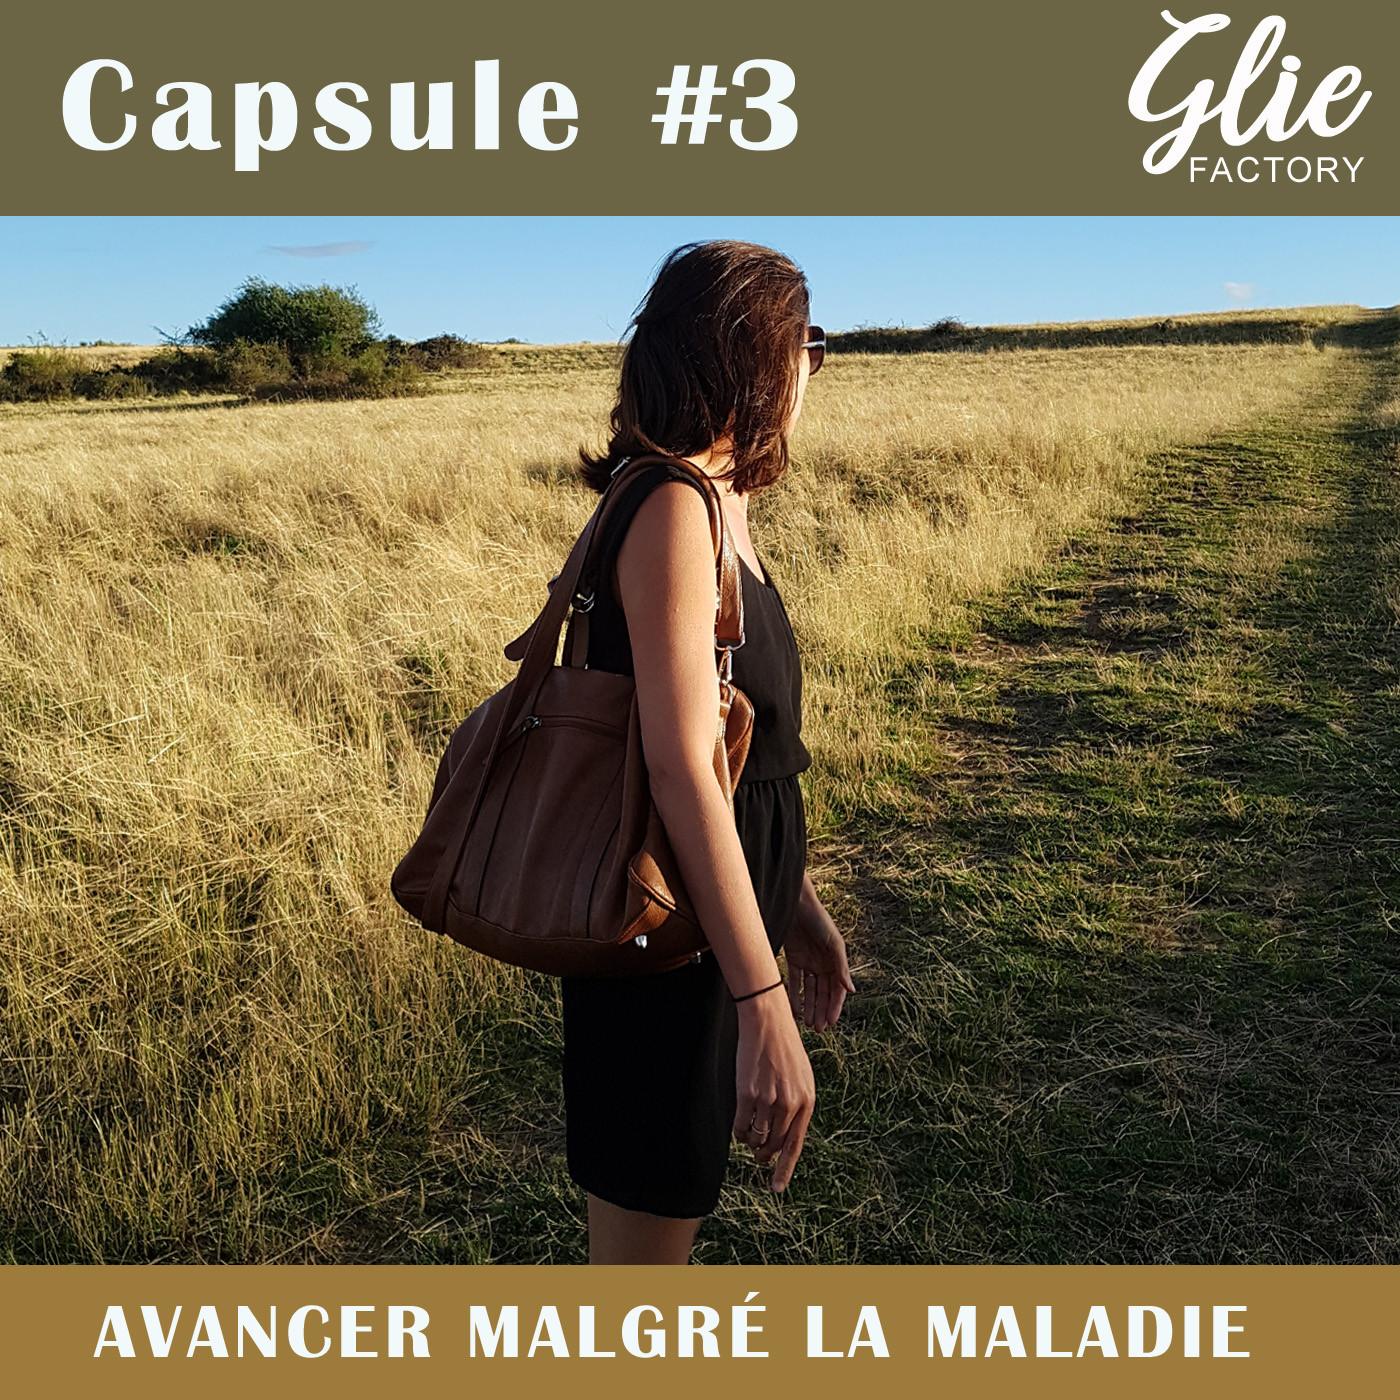 CAPSULE #3. Comment avancer malgré la maladie ?